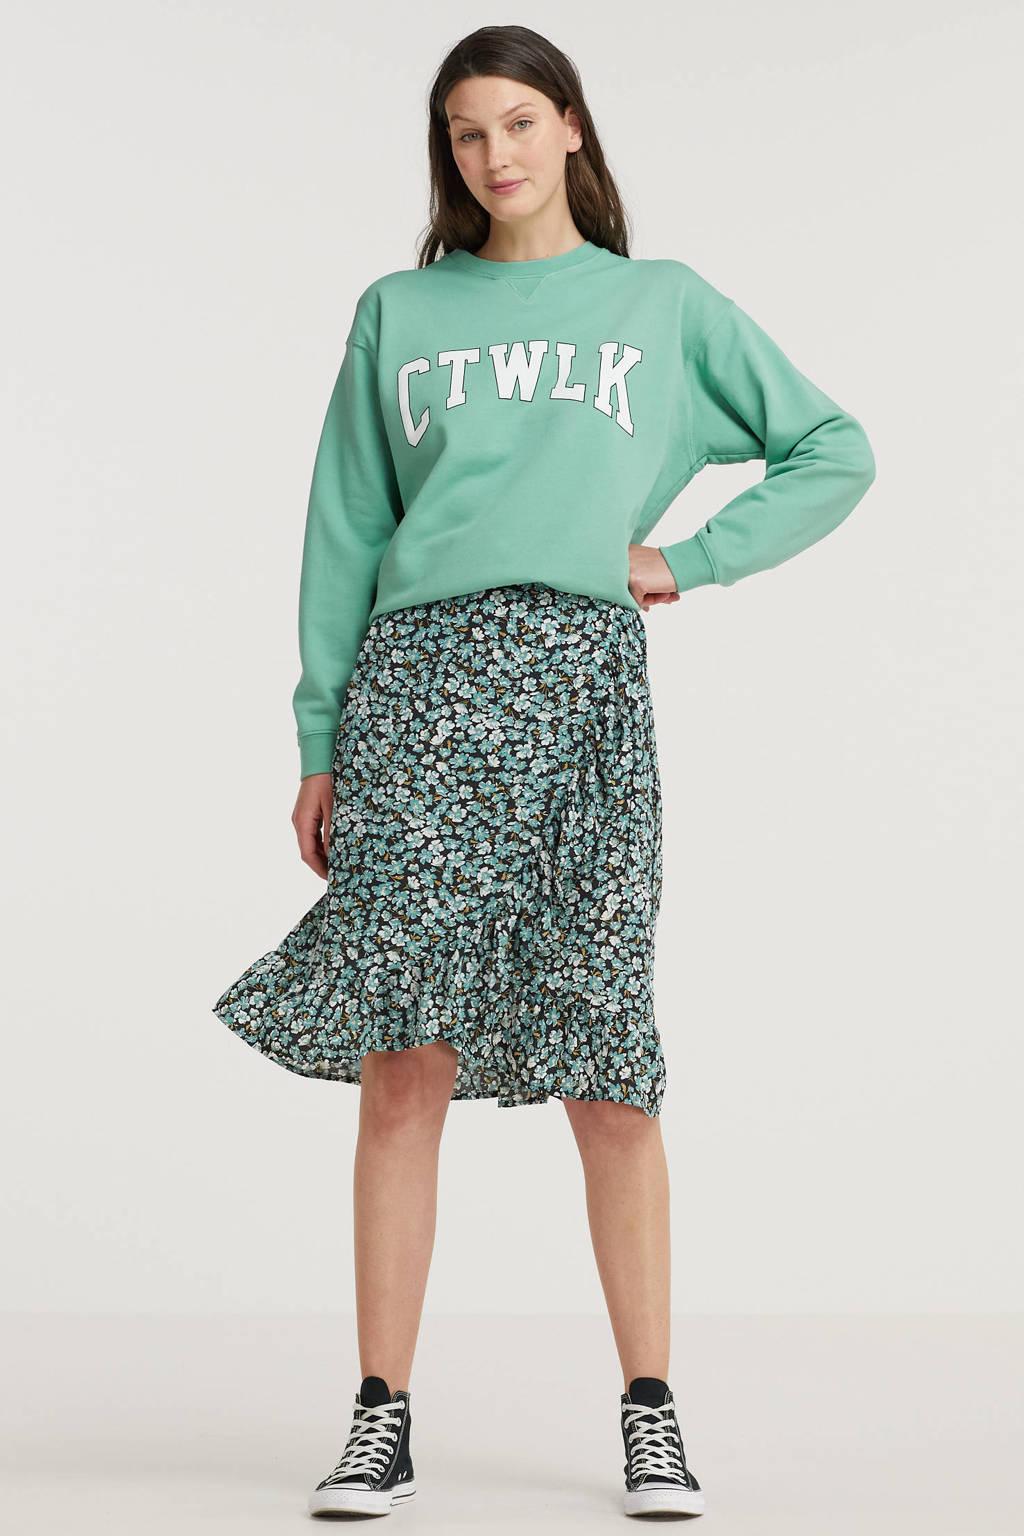 Catwalk Junkie trui Ctwlk van biologisch katoen groen, Groen